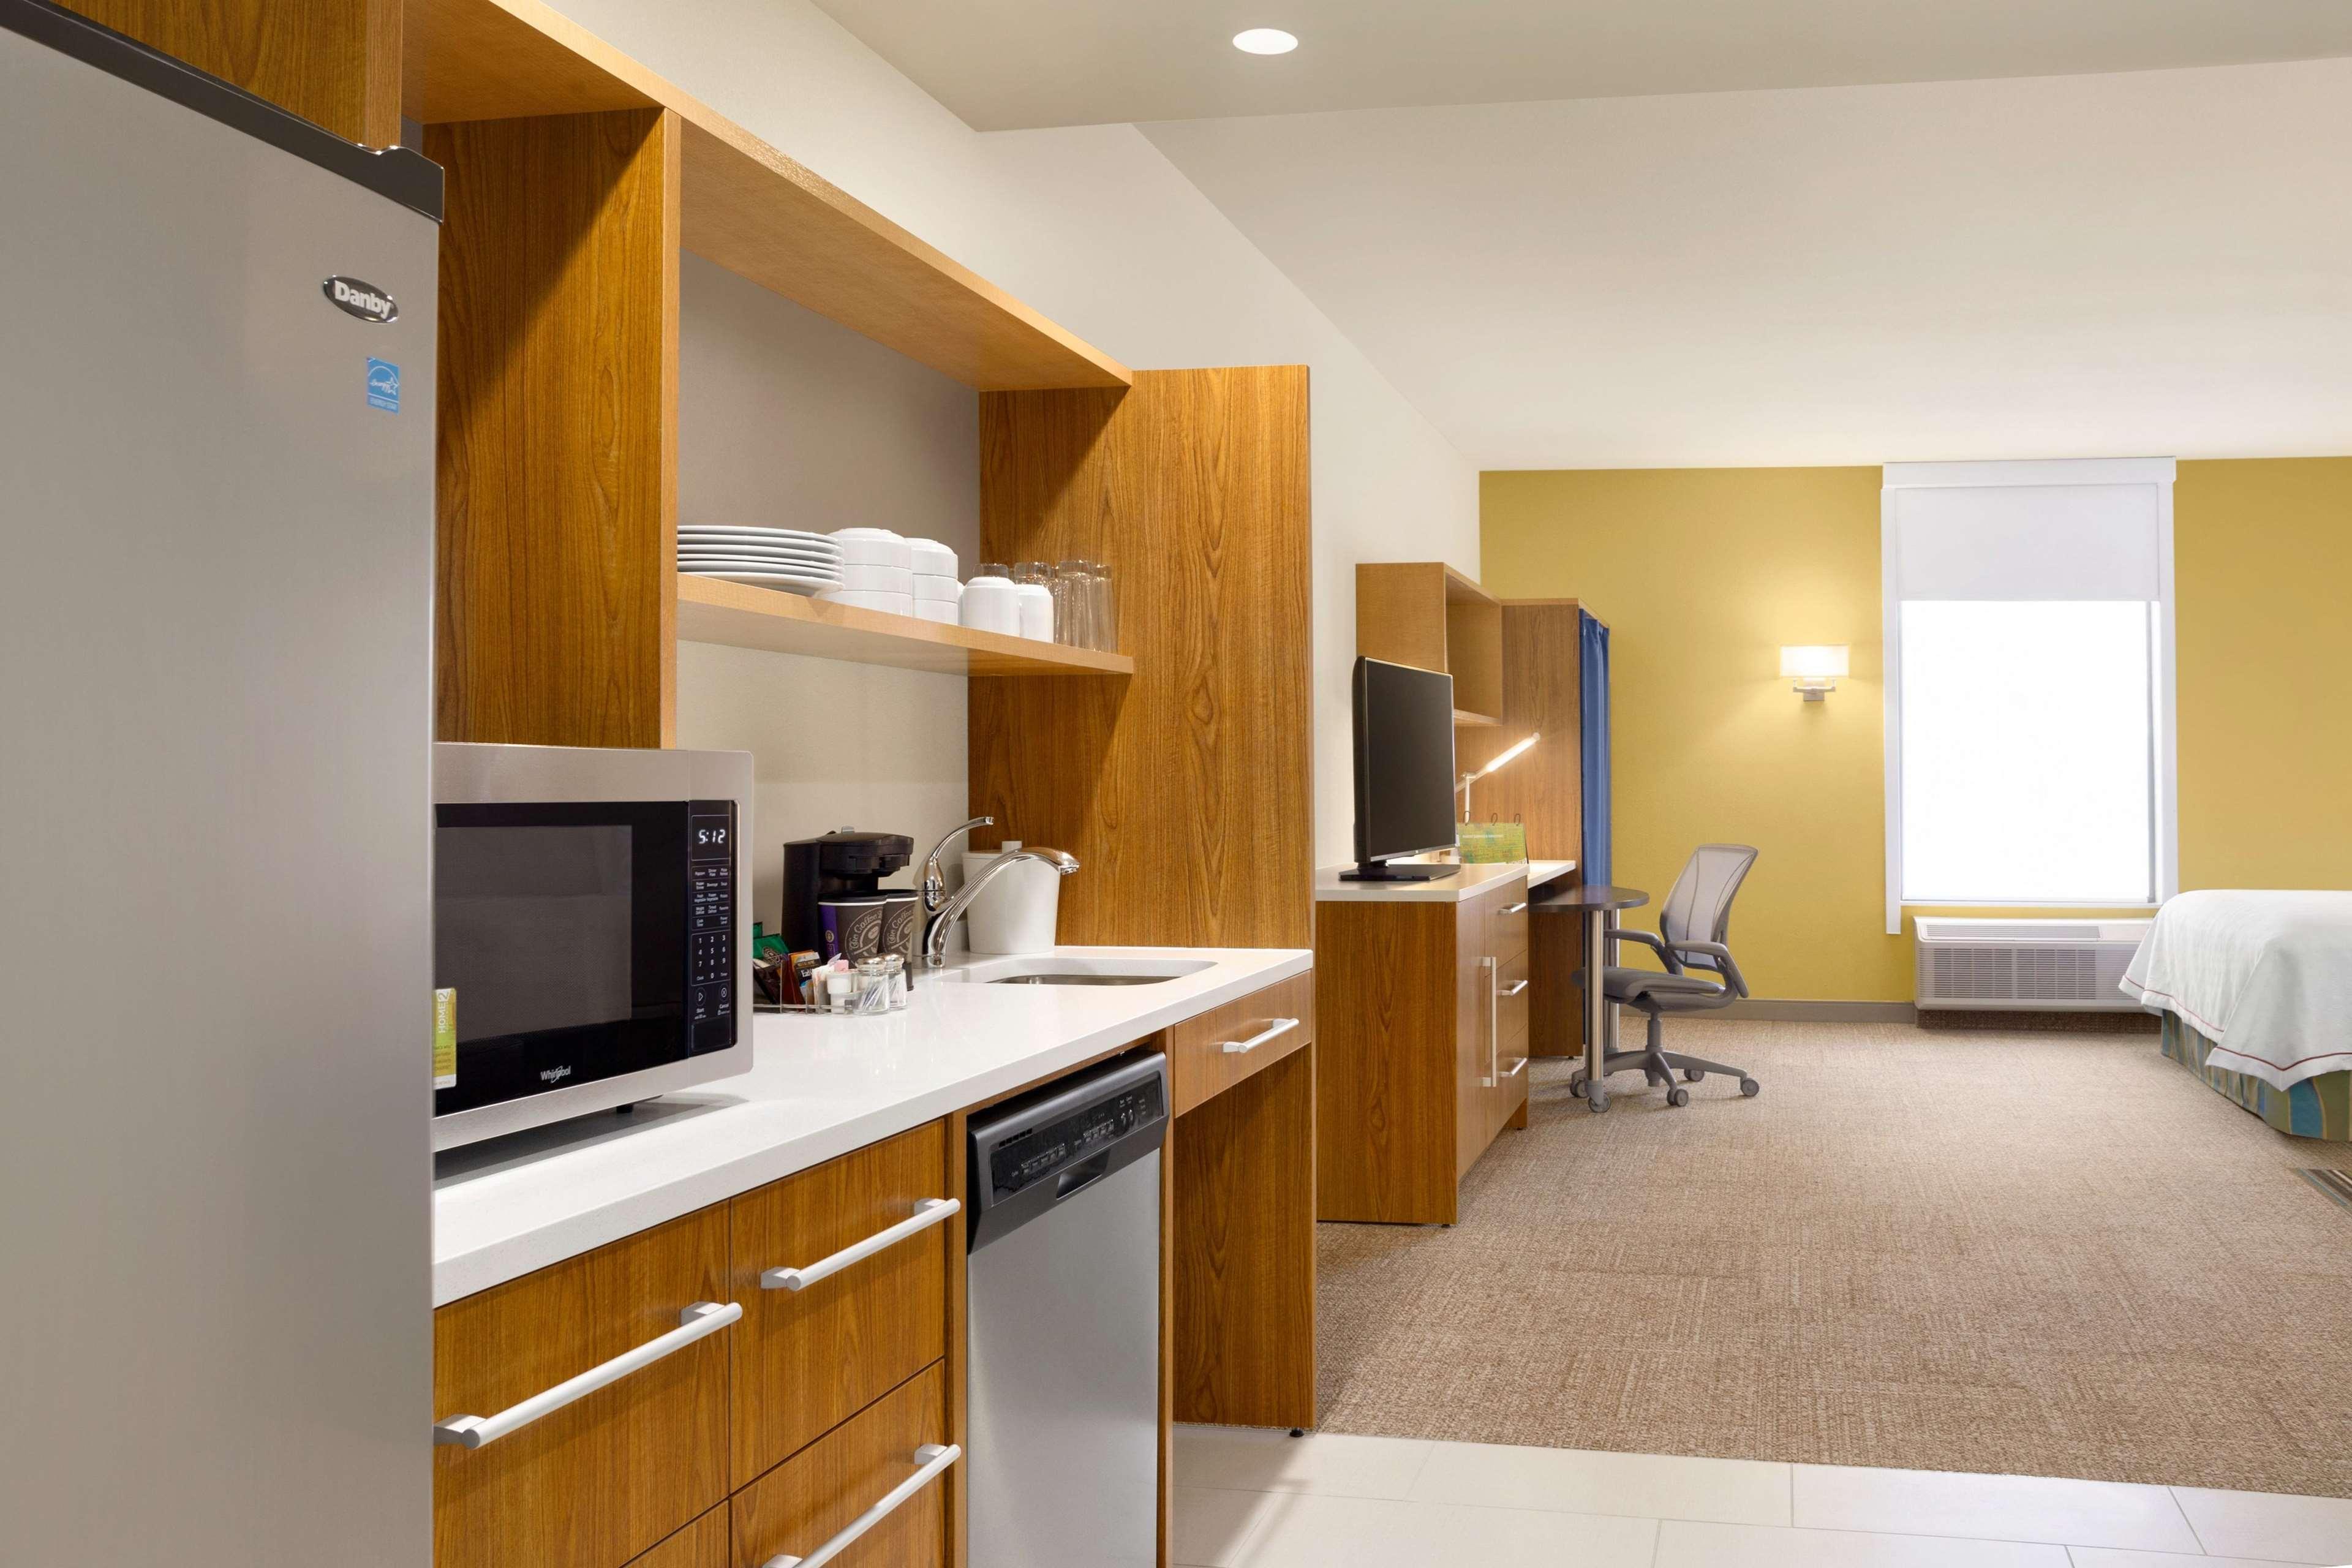 Home2 Suites by Hilton Birmingham Downtown image 33